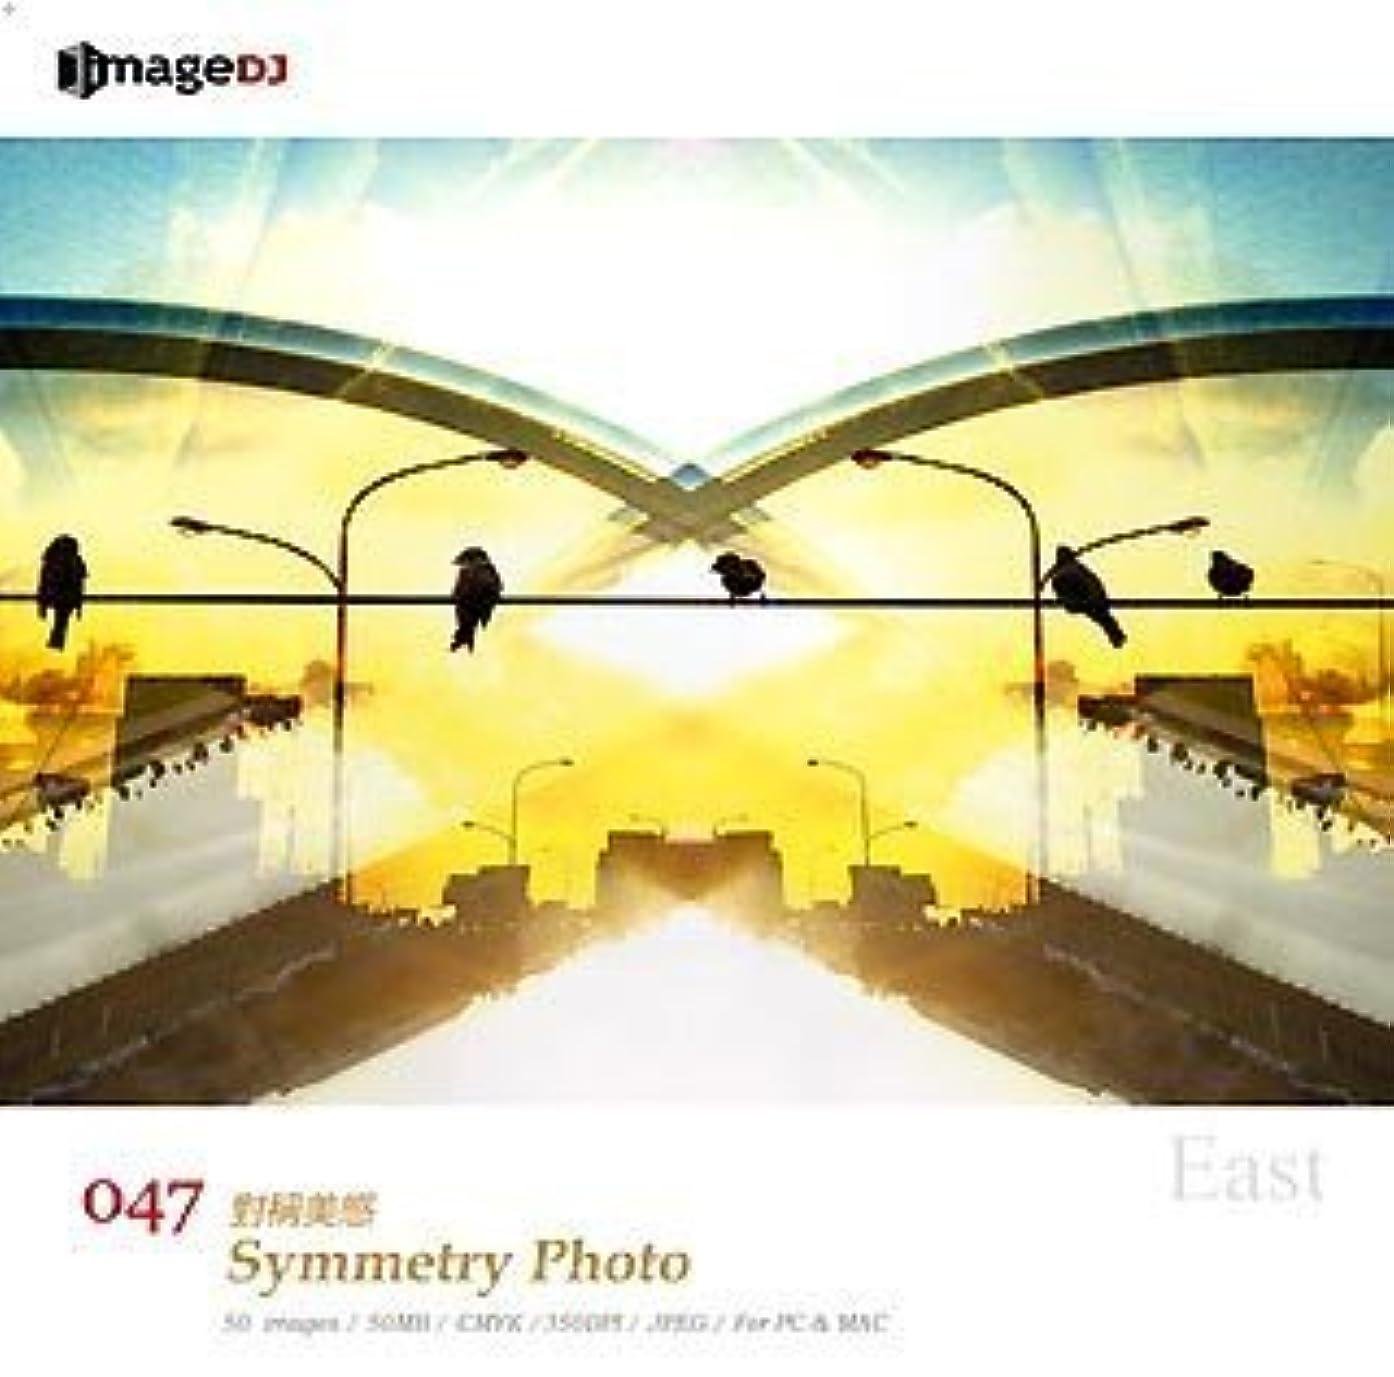 さわやか汚染されたブルジョンEAST vol.47 対称写真 Symmetry Photo